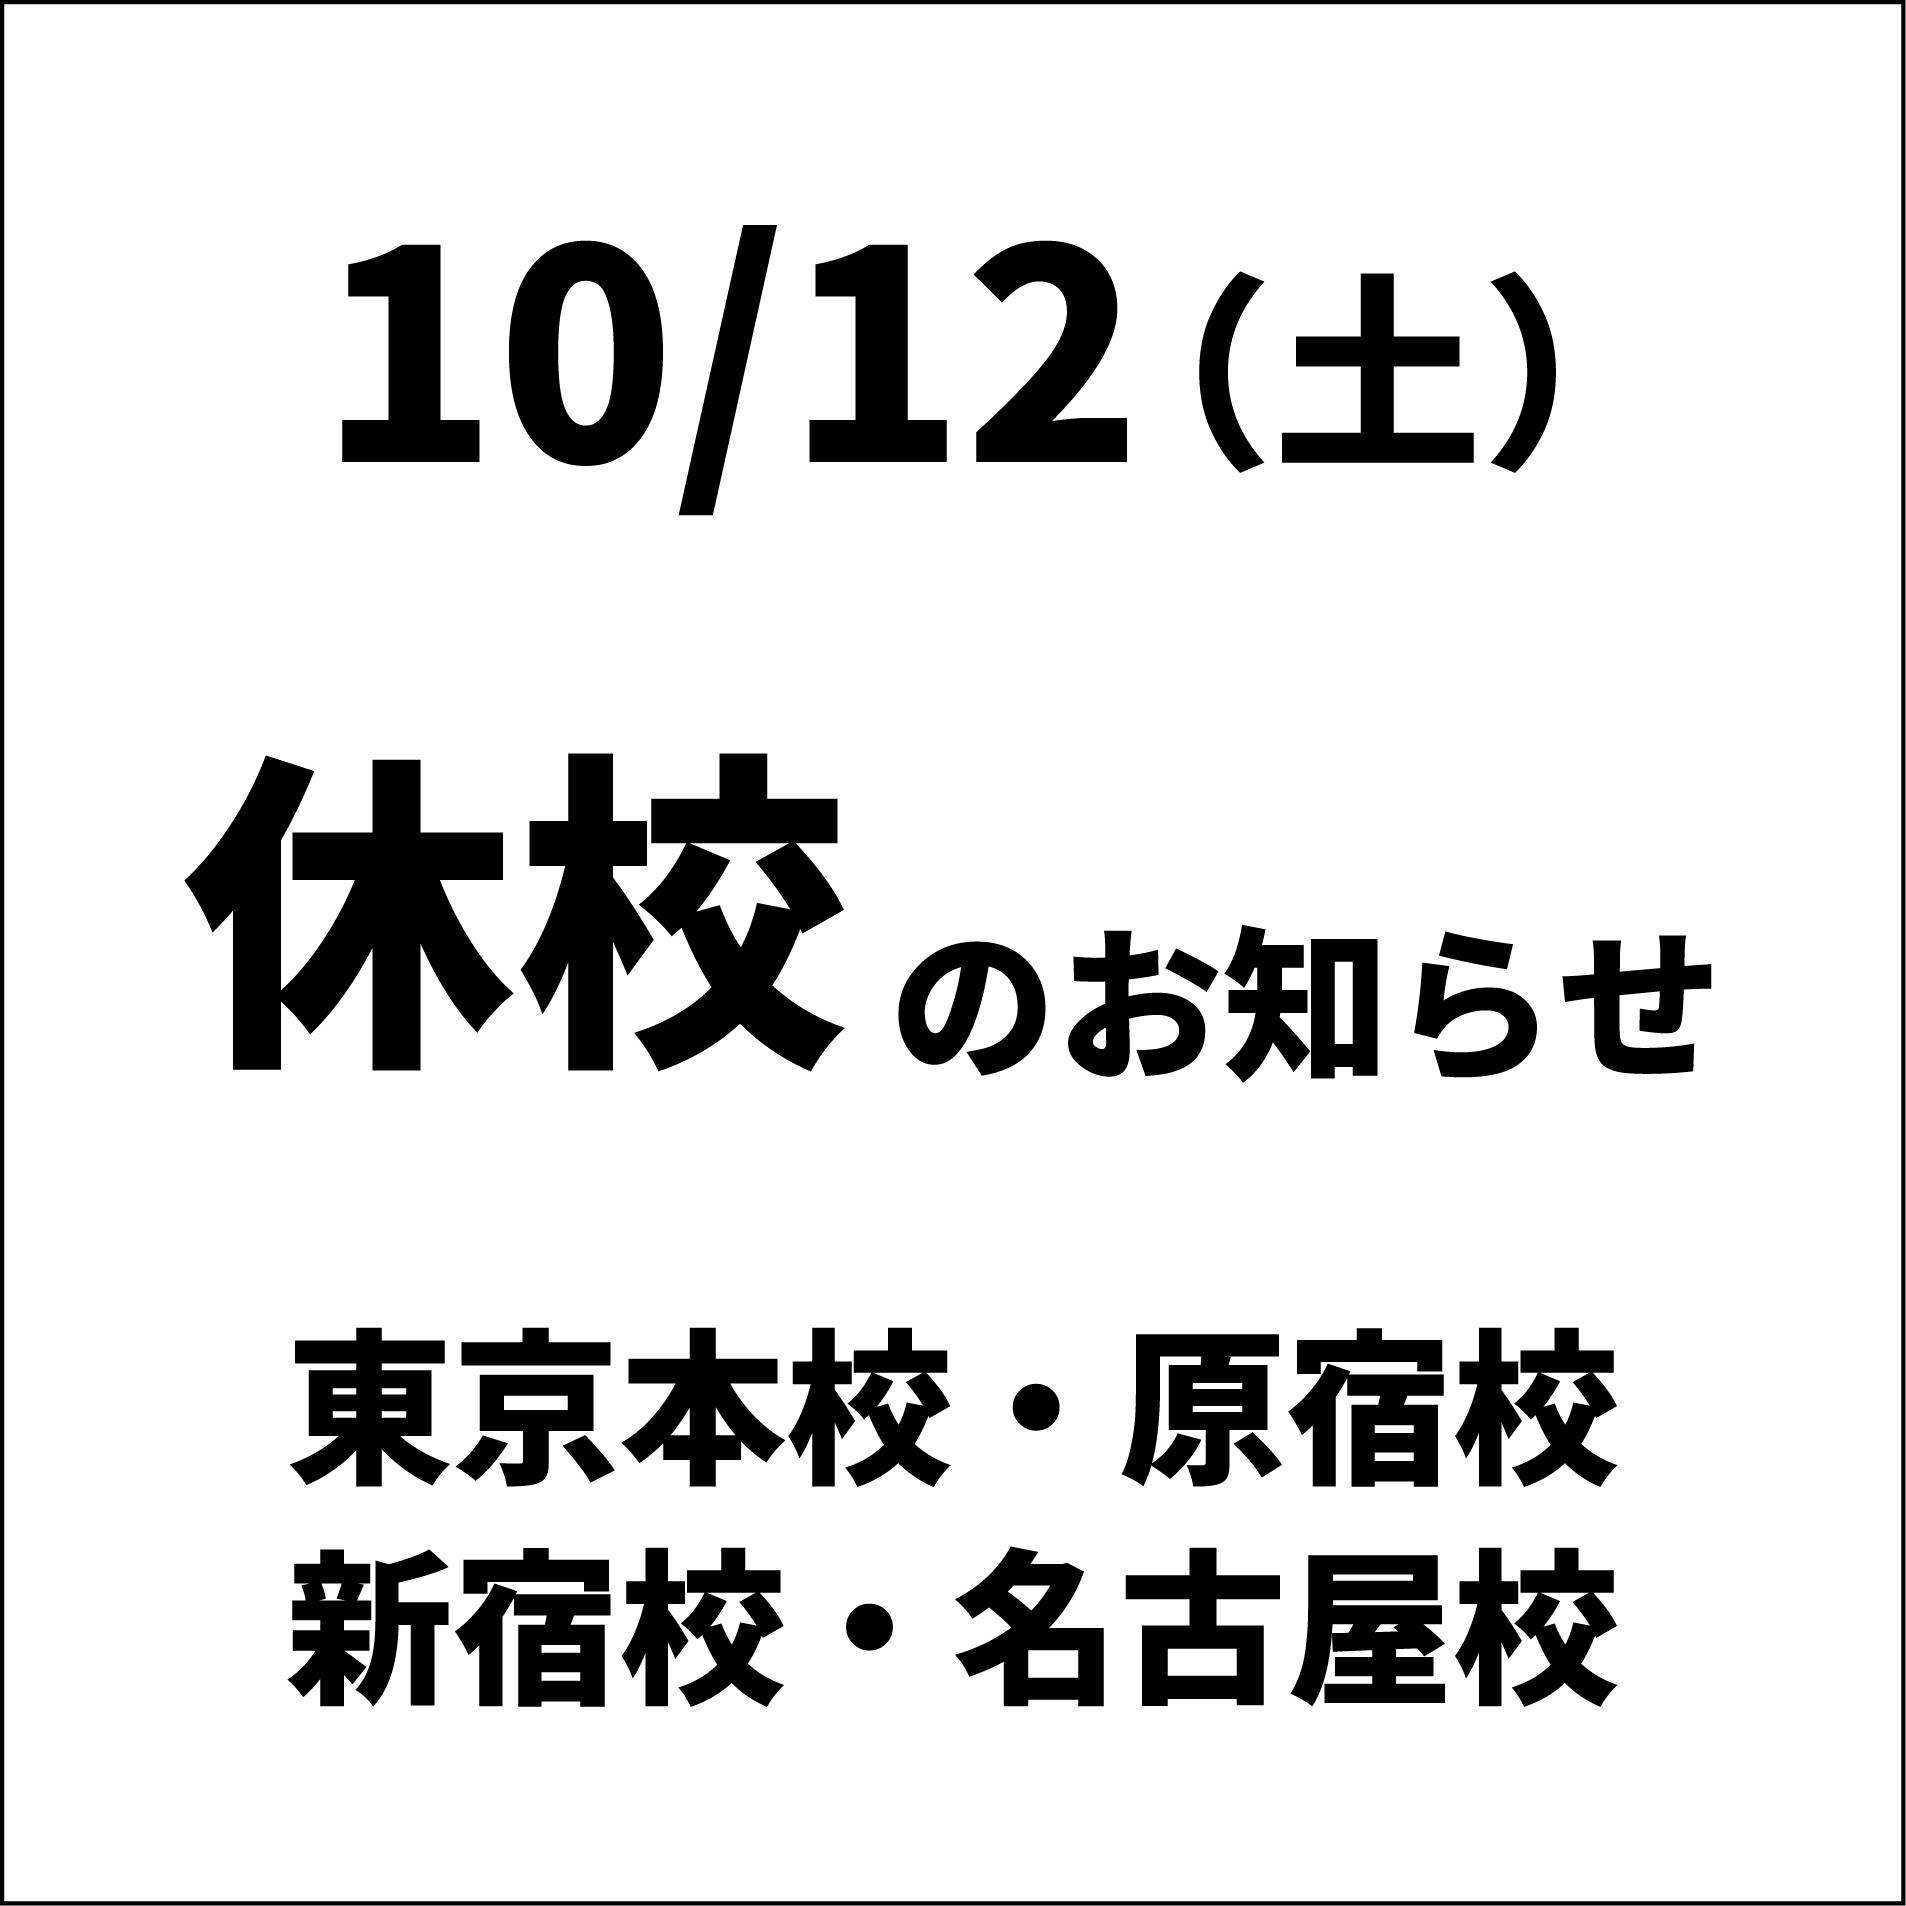 【10/12(土)】【休校のお知らせ】【東京本校・原宿校・新宿校・名古屋校】